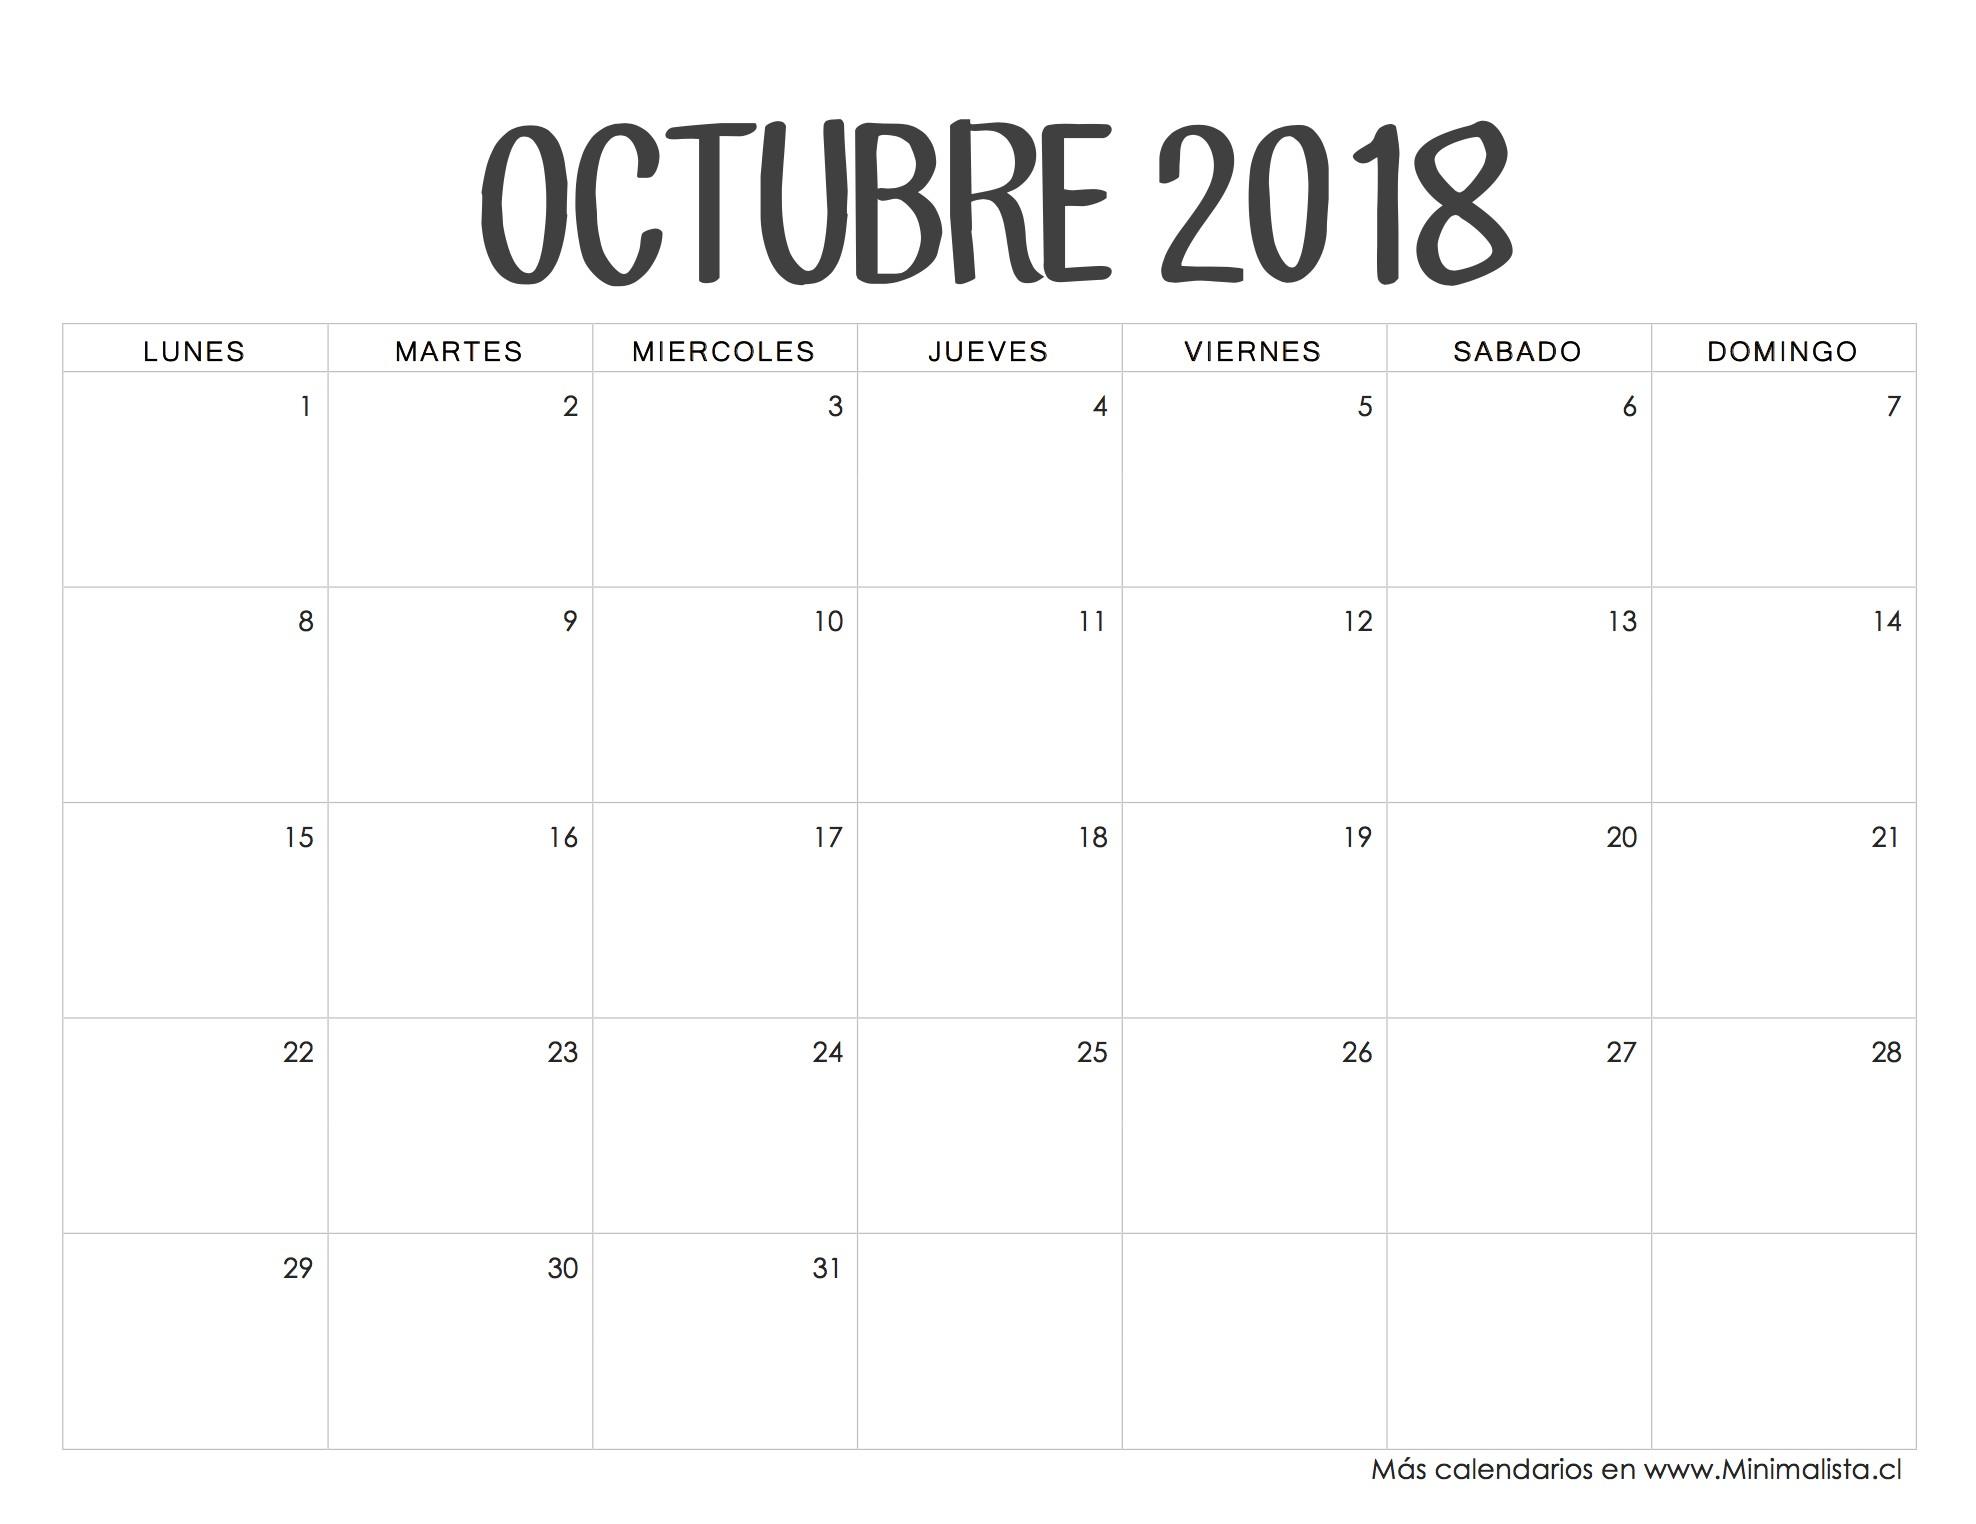 Calendario 2019 Usa Con Feriados Más Recientes Calendario Octubre 2018 organizarme Of Calendario 2019 Usa Con Feriados Actual Kalendář Na Rok 2019 T½den Začná V Neděli Åablona Návrhu Å¡ablony